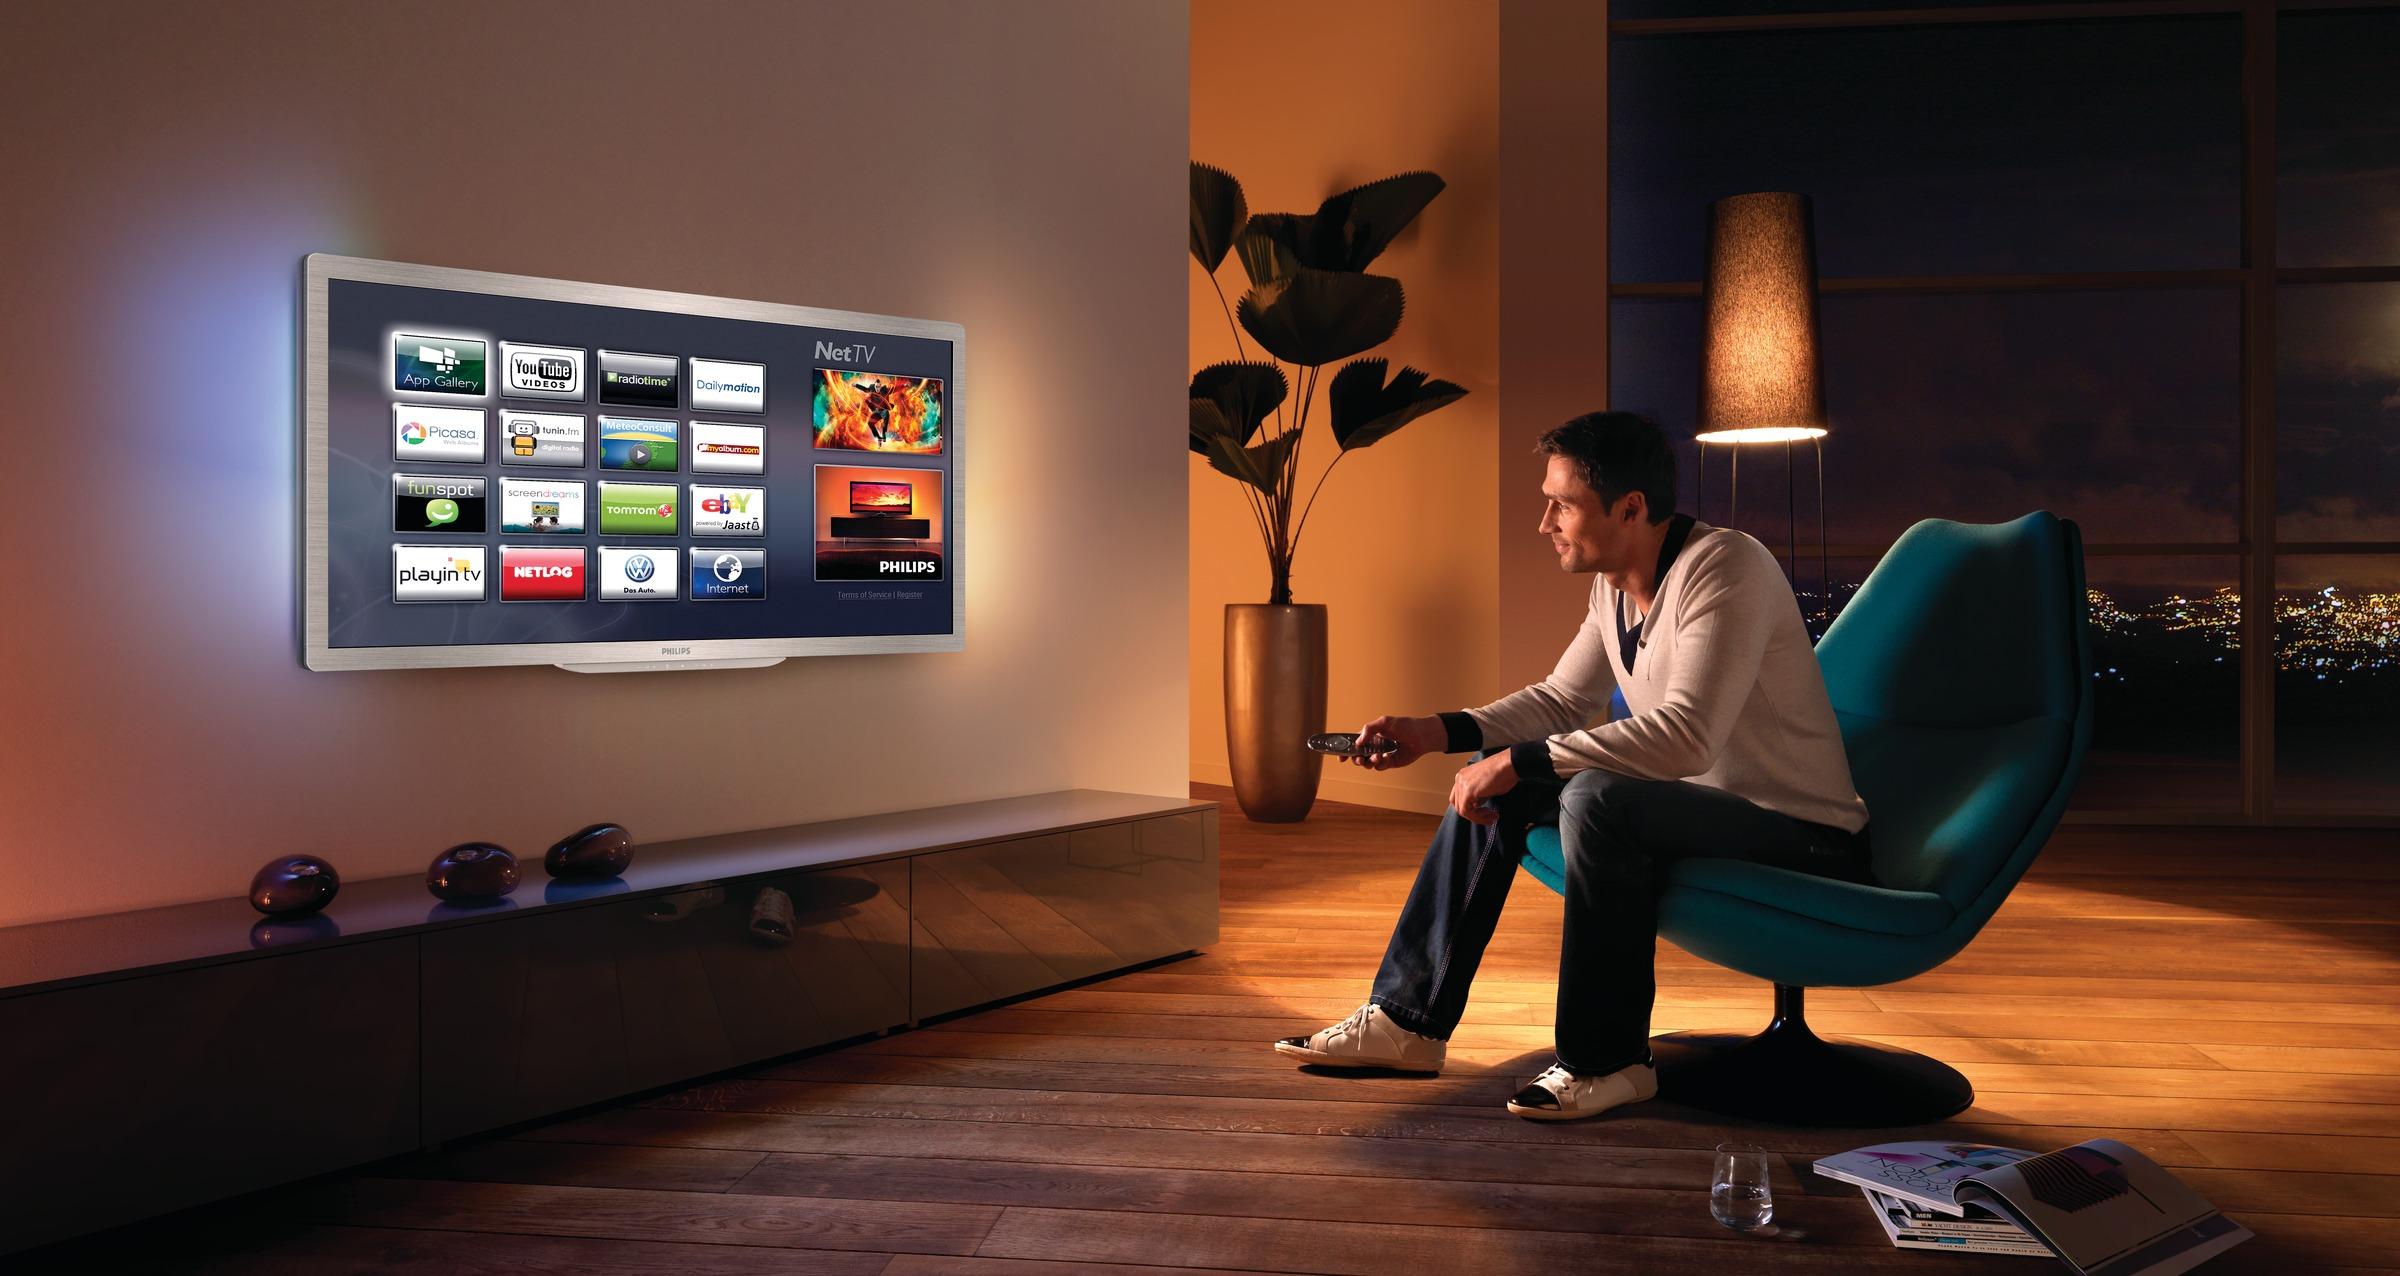 Комбинация телевизора и компьютера позволяет выводить видео напрямую с видеокарты